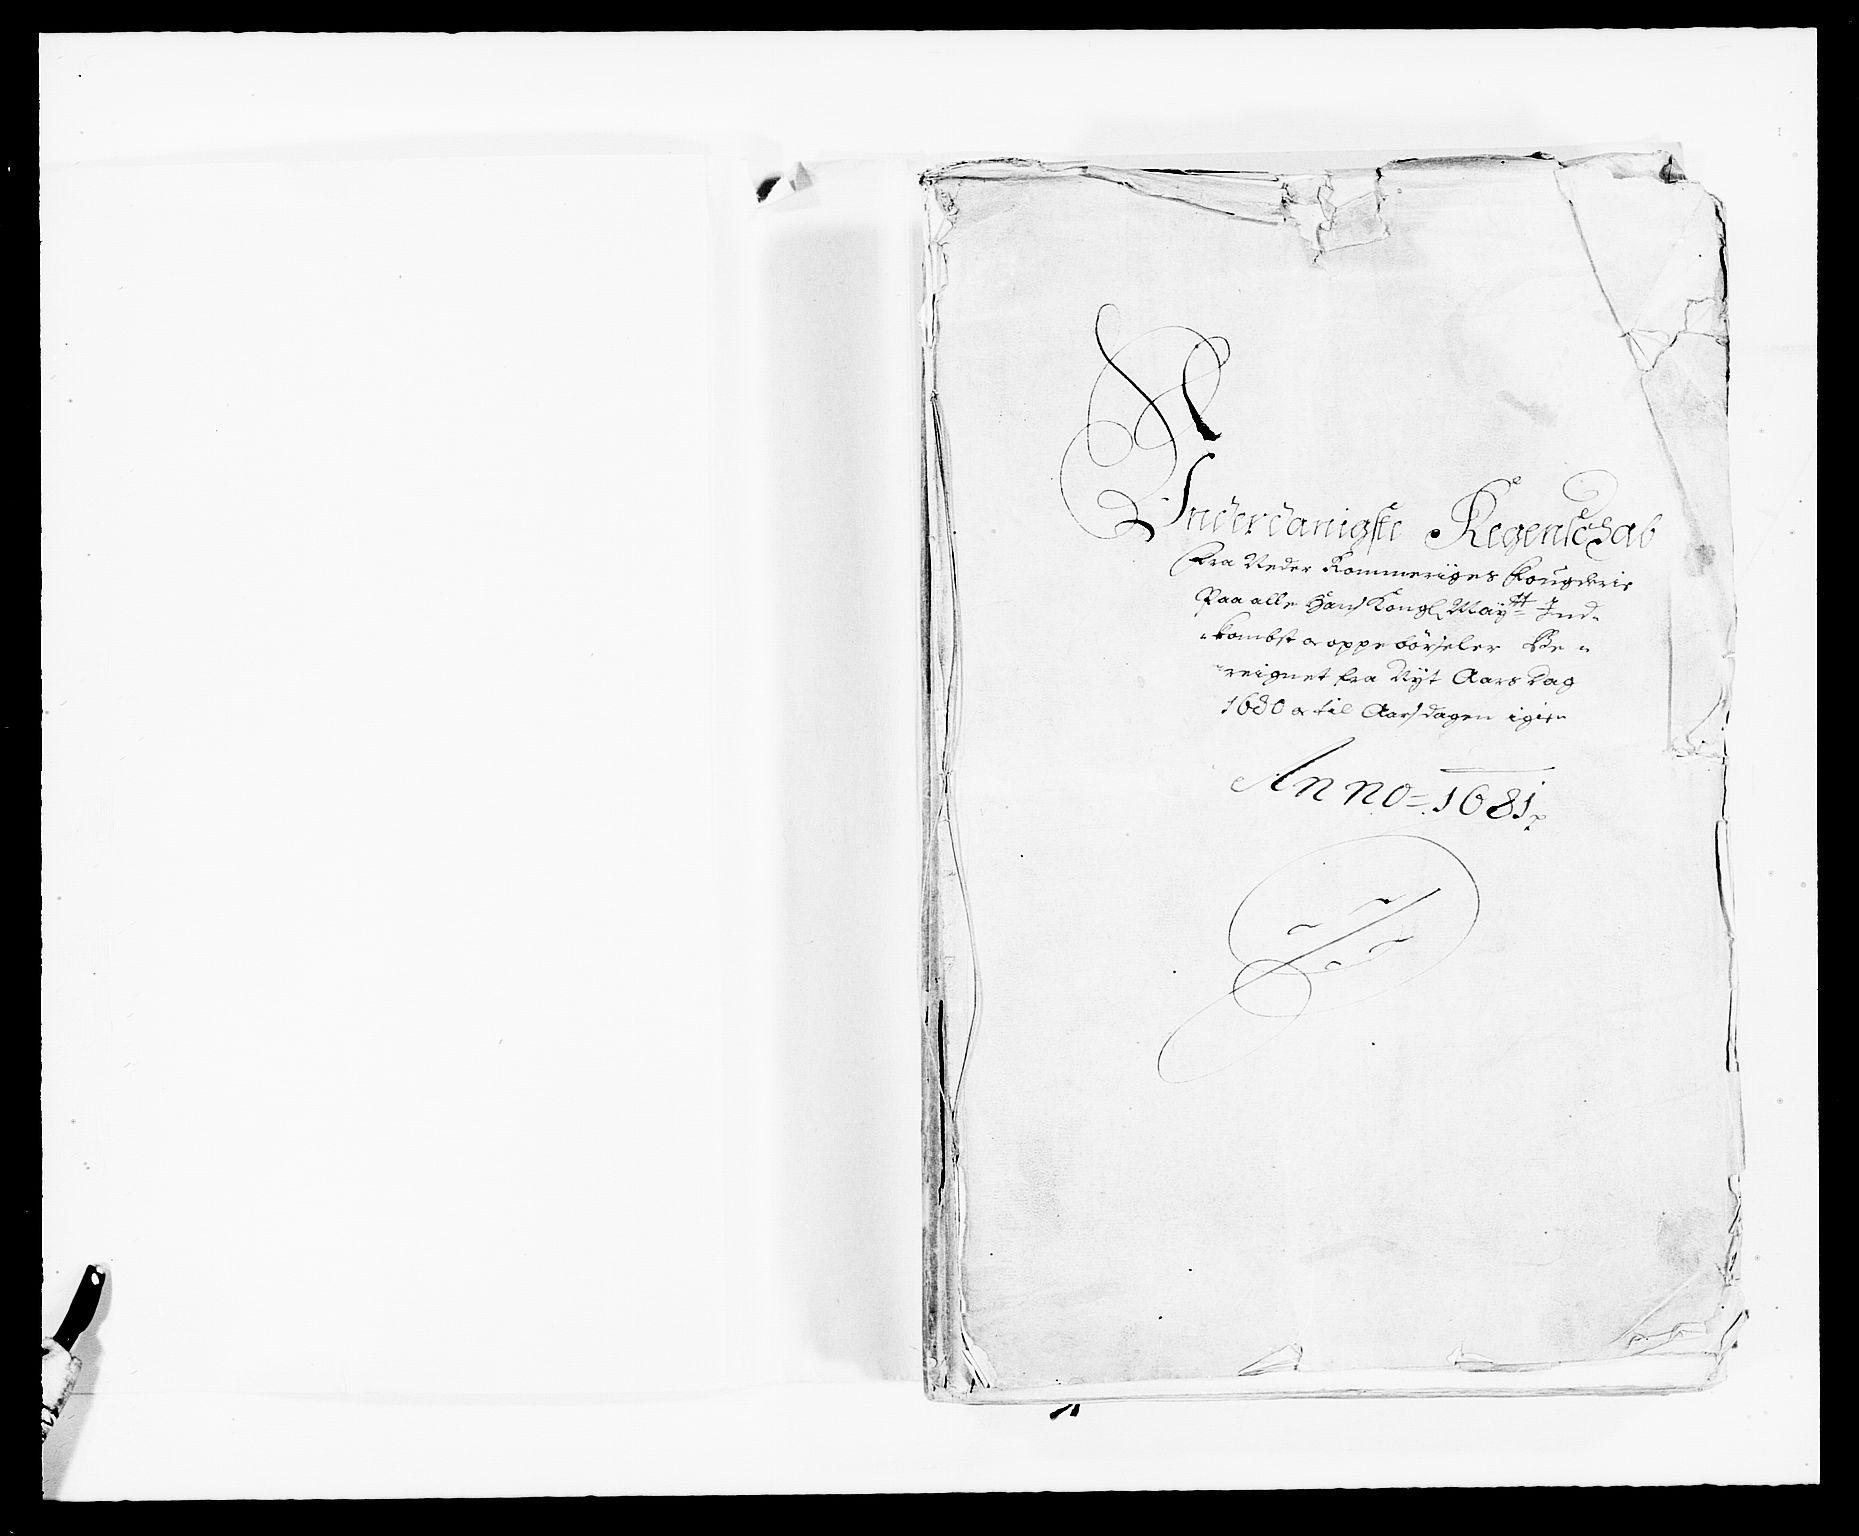 RA, Rentekammeret inntil 1814, Reviderte regnskaper, Fogderegnskap, R11/L0569: Fogderegnskap Nedre Romerike, 1680-1681, s. 2